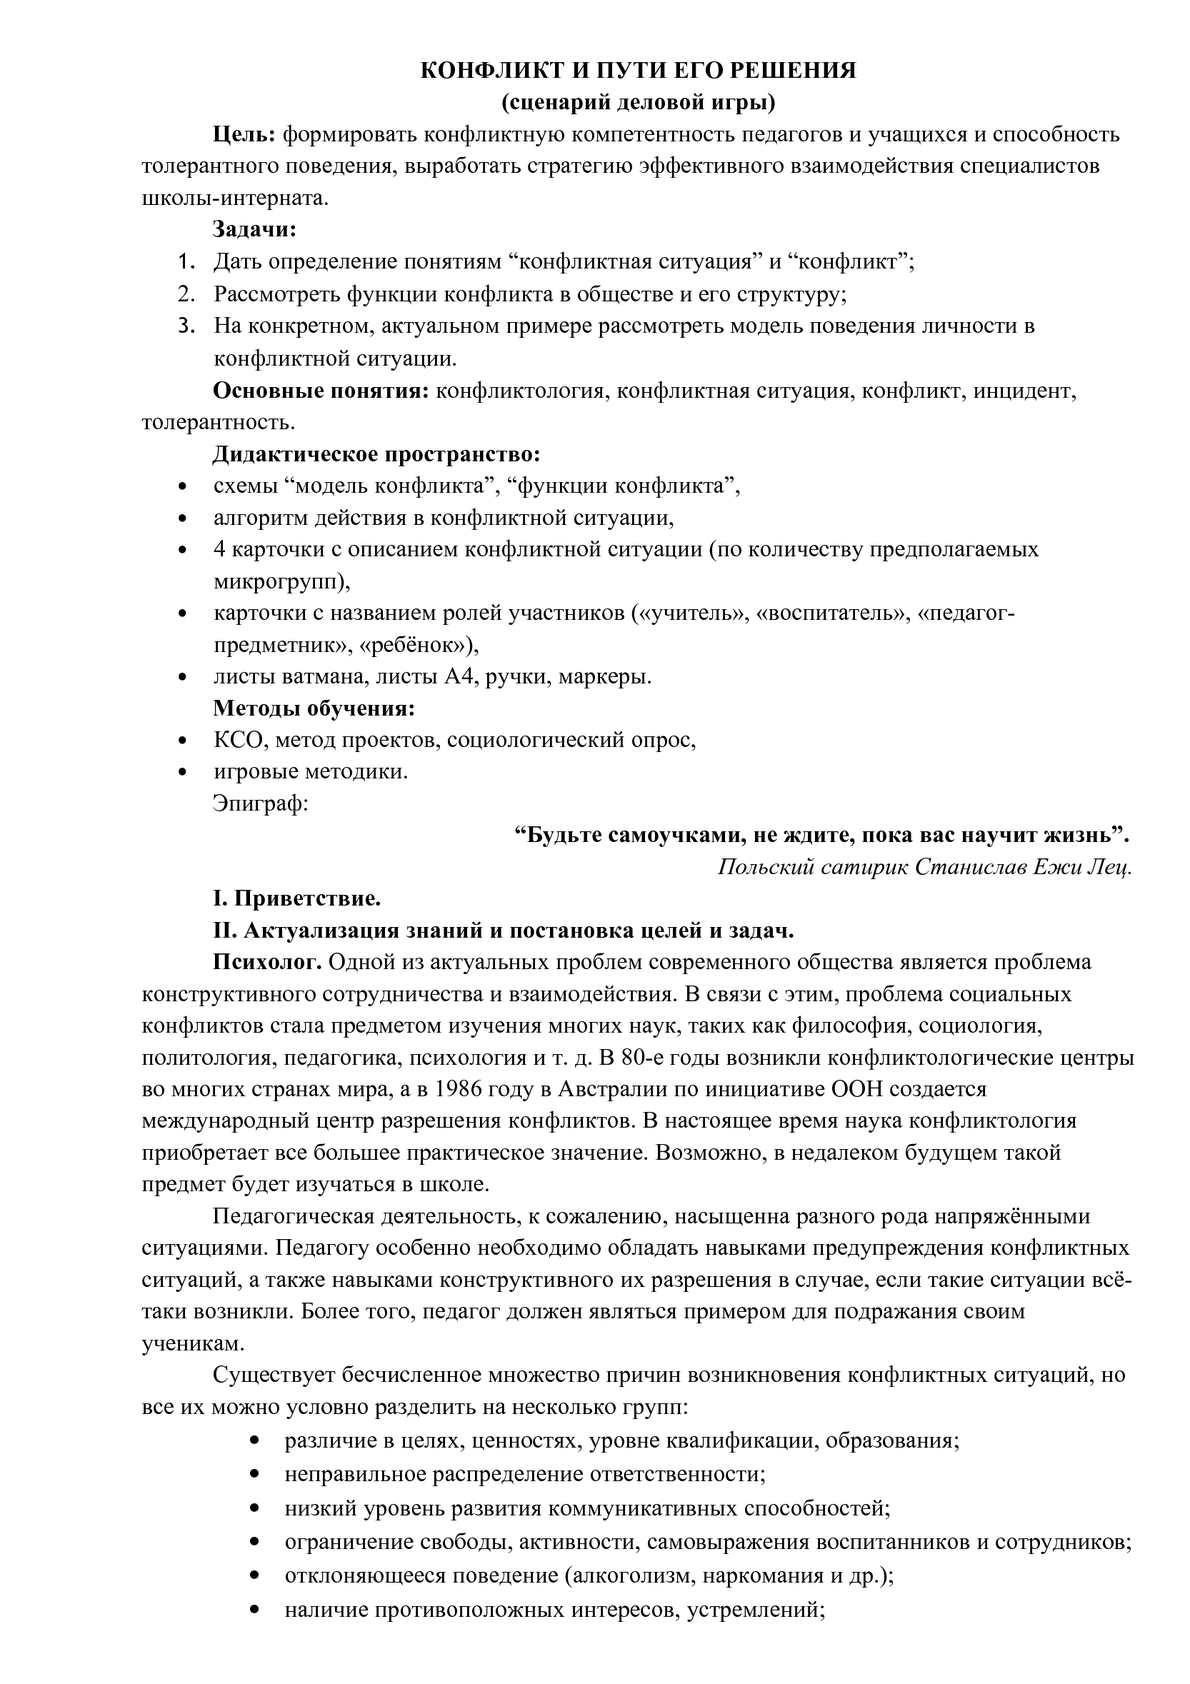 """Сценарий деловой игры для педагогов """"Конфликт и пути его решения"""""""